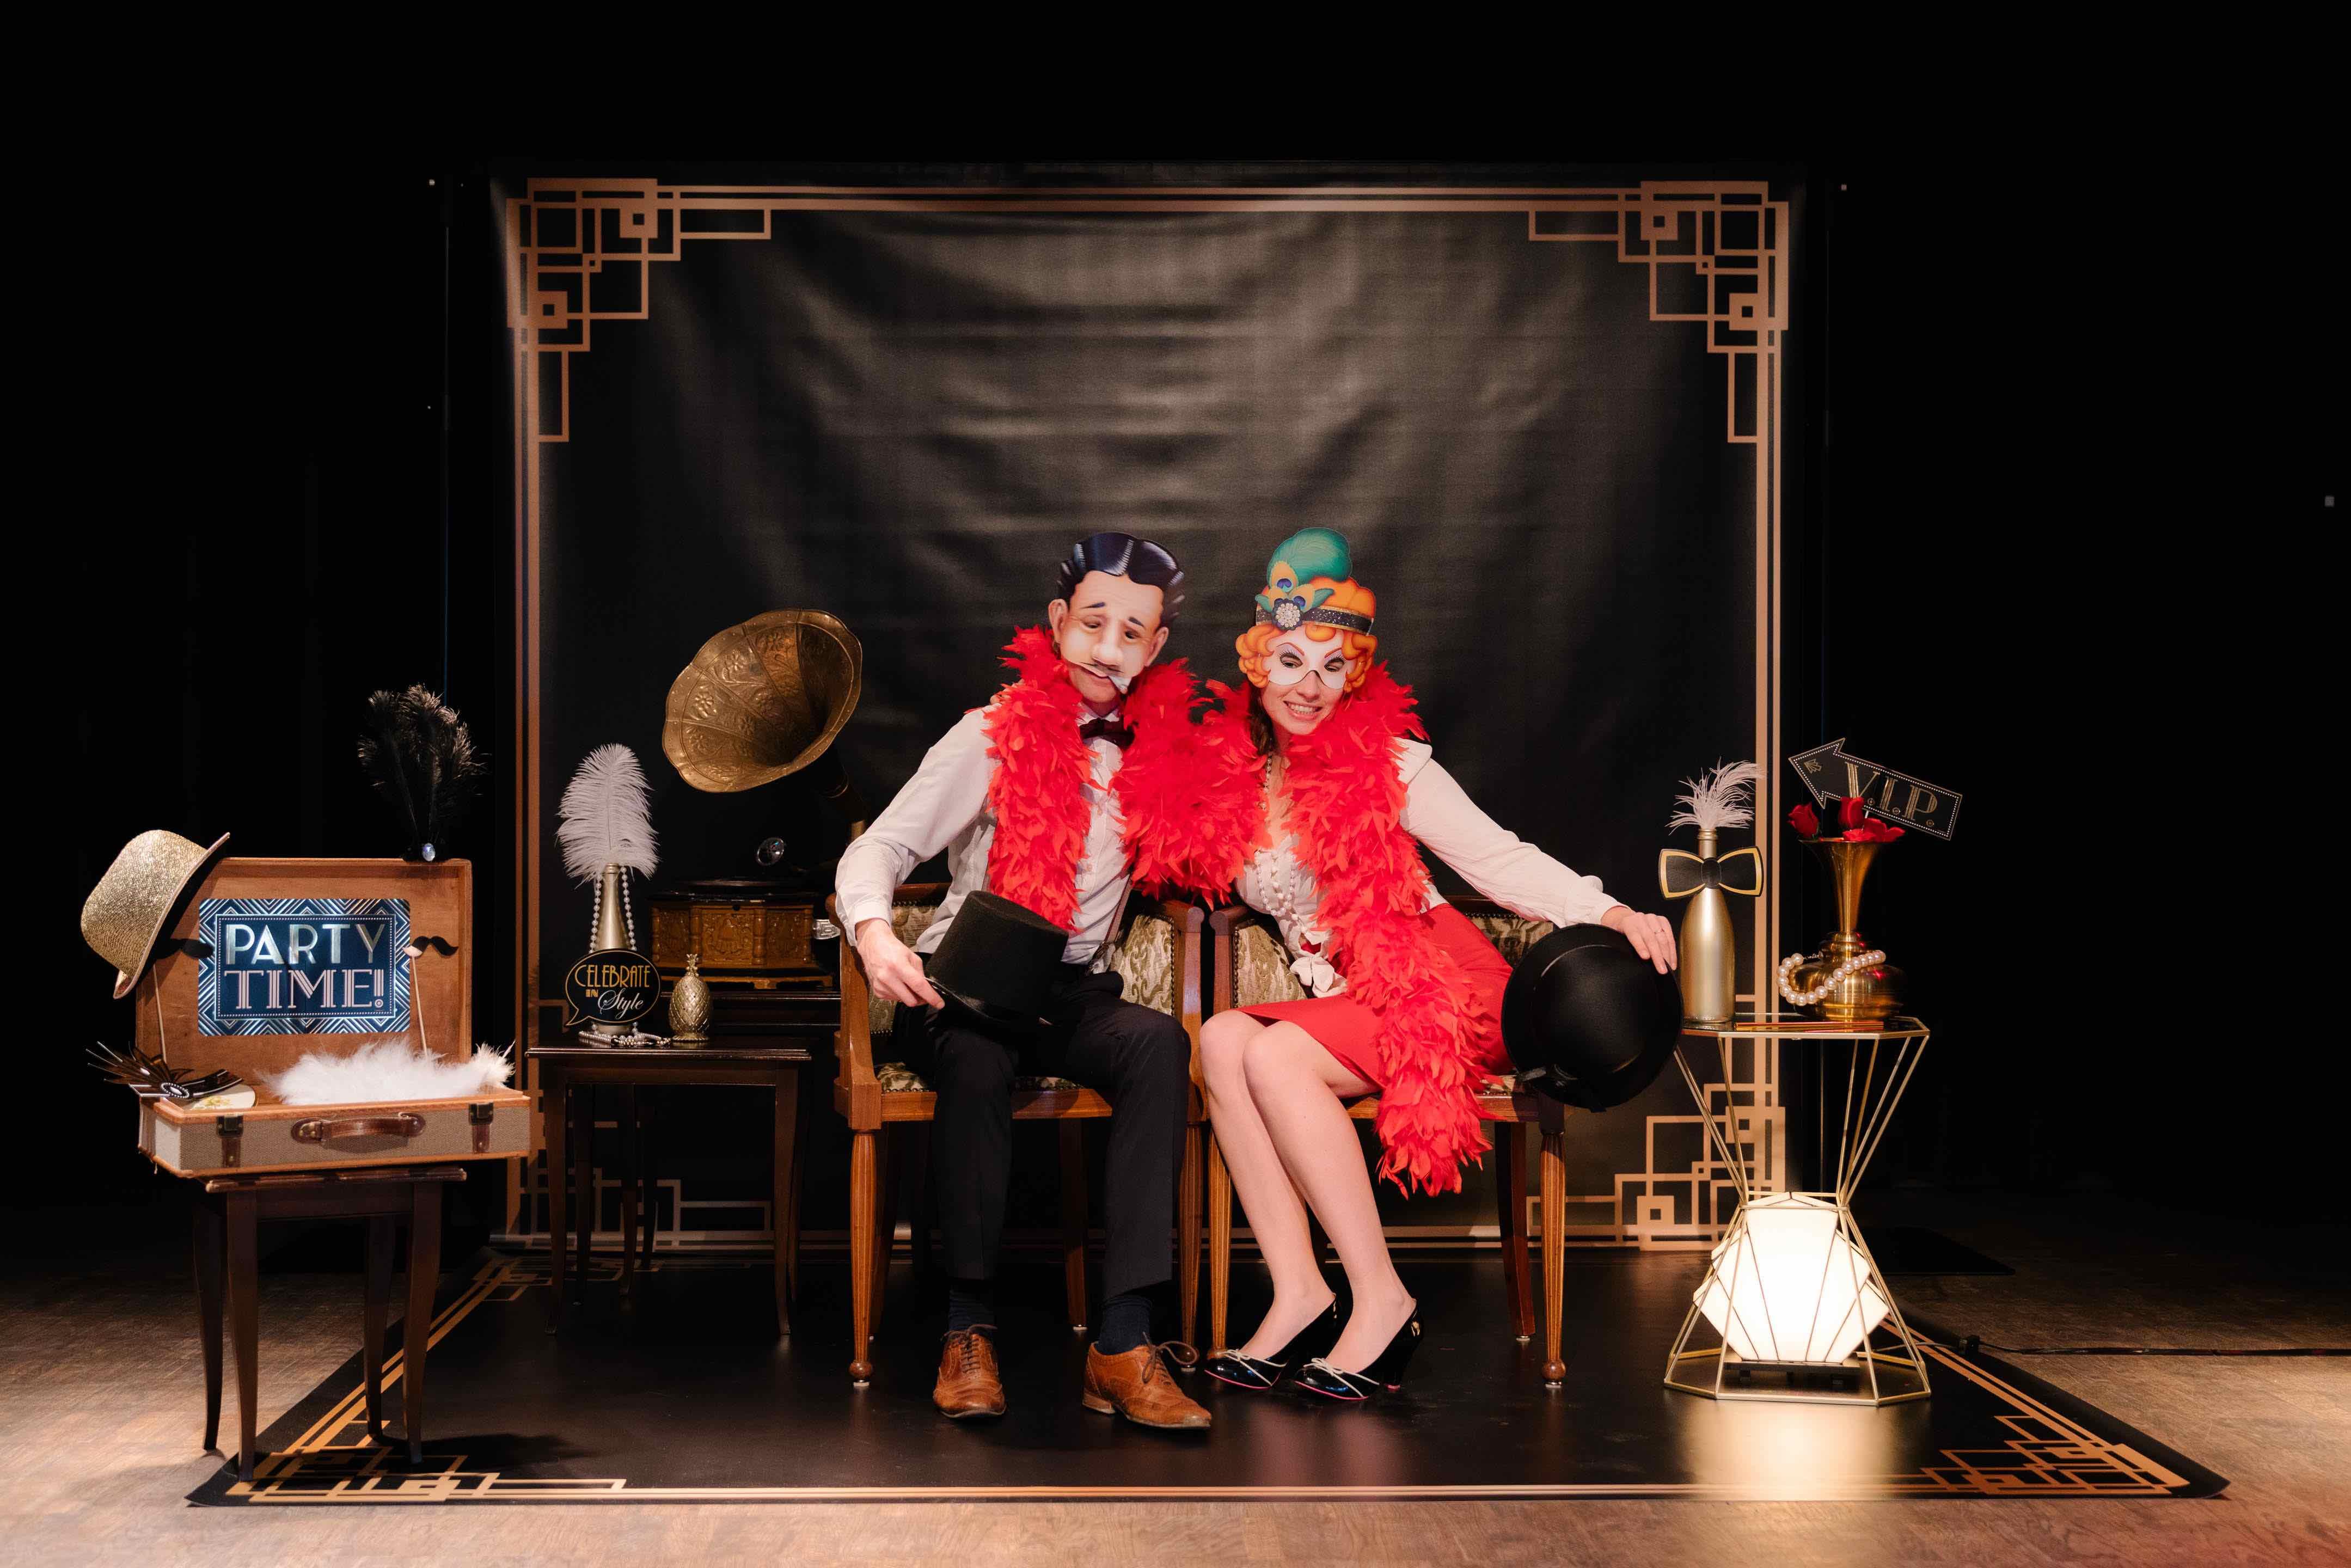 Great Gatsby photobooth decor huren? Photobooth voor jullie huwelijk!